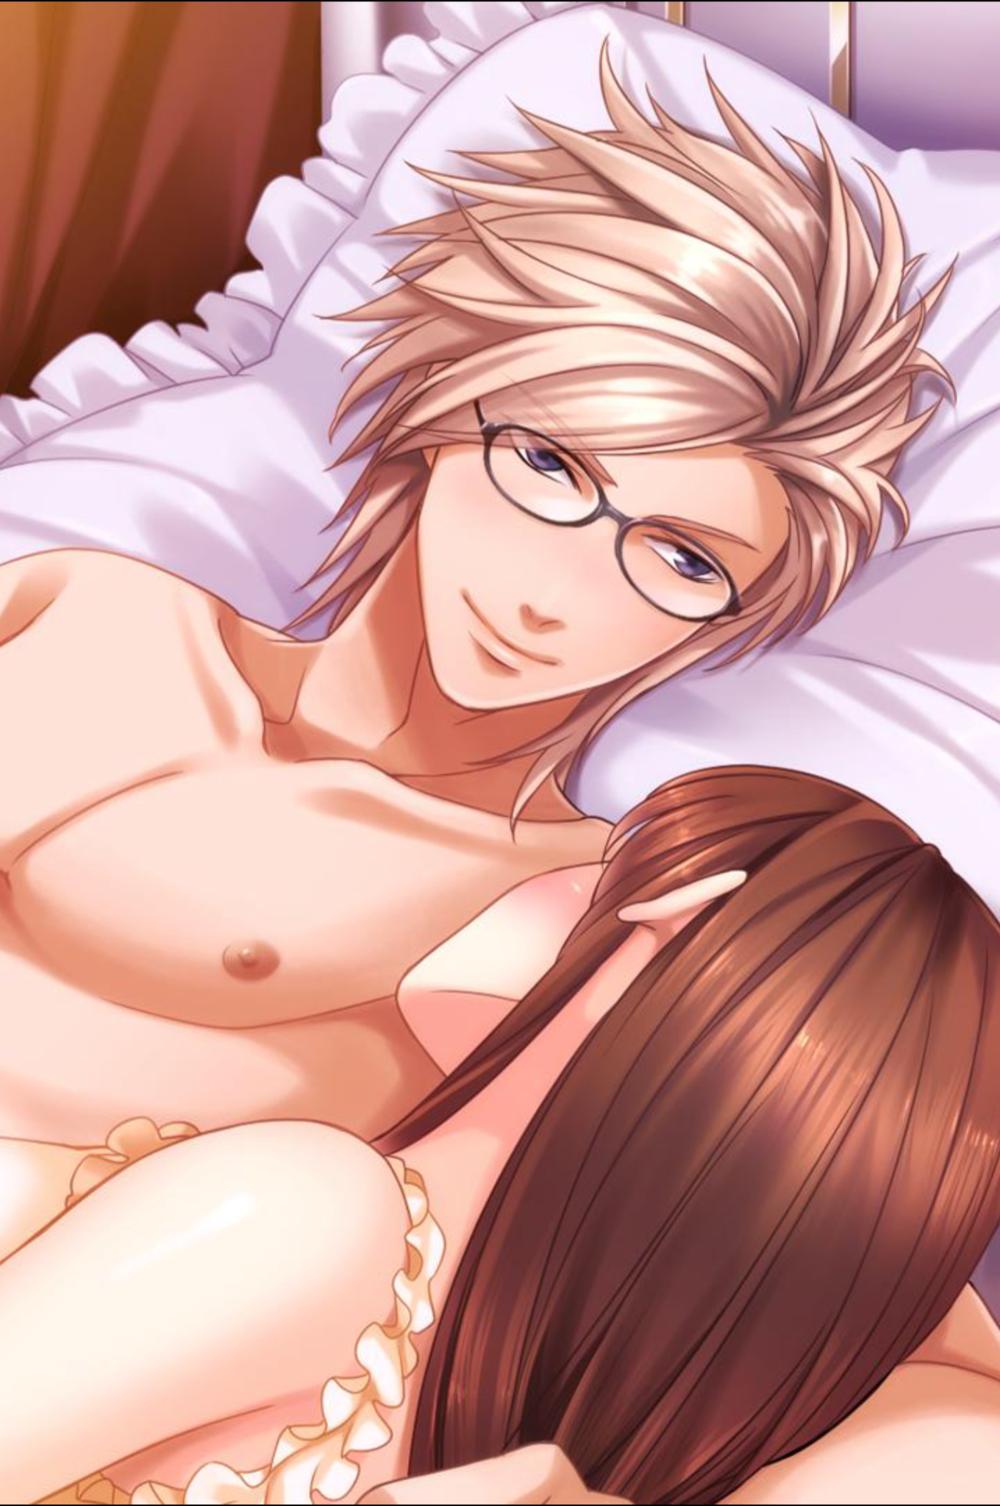 Yosuke: Chapter 3B